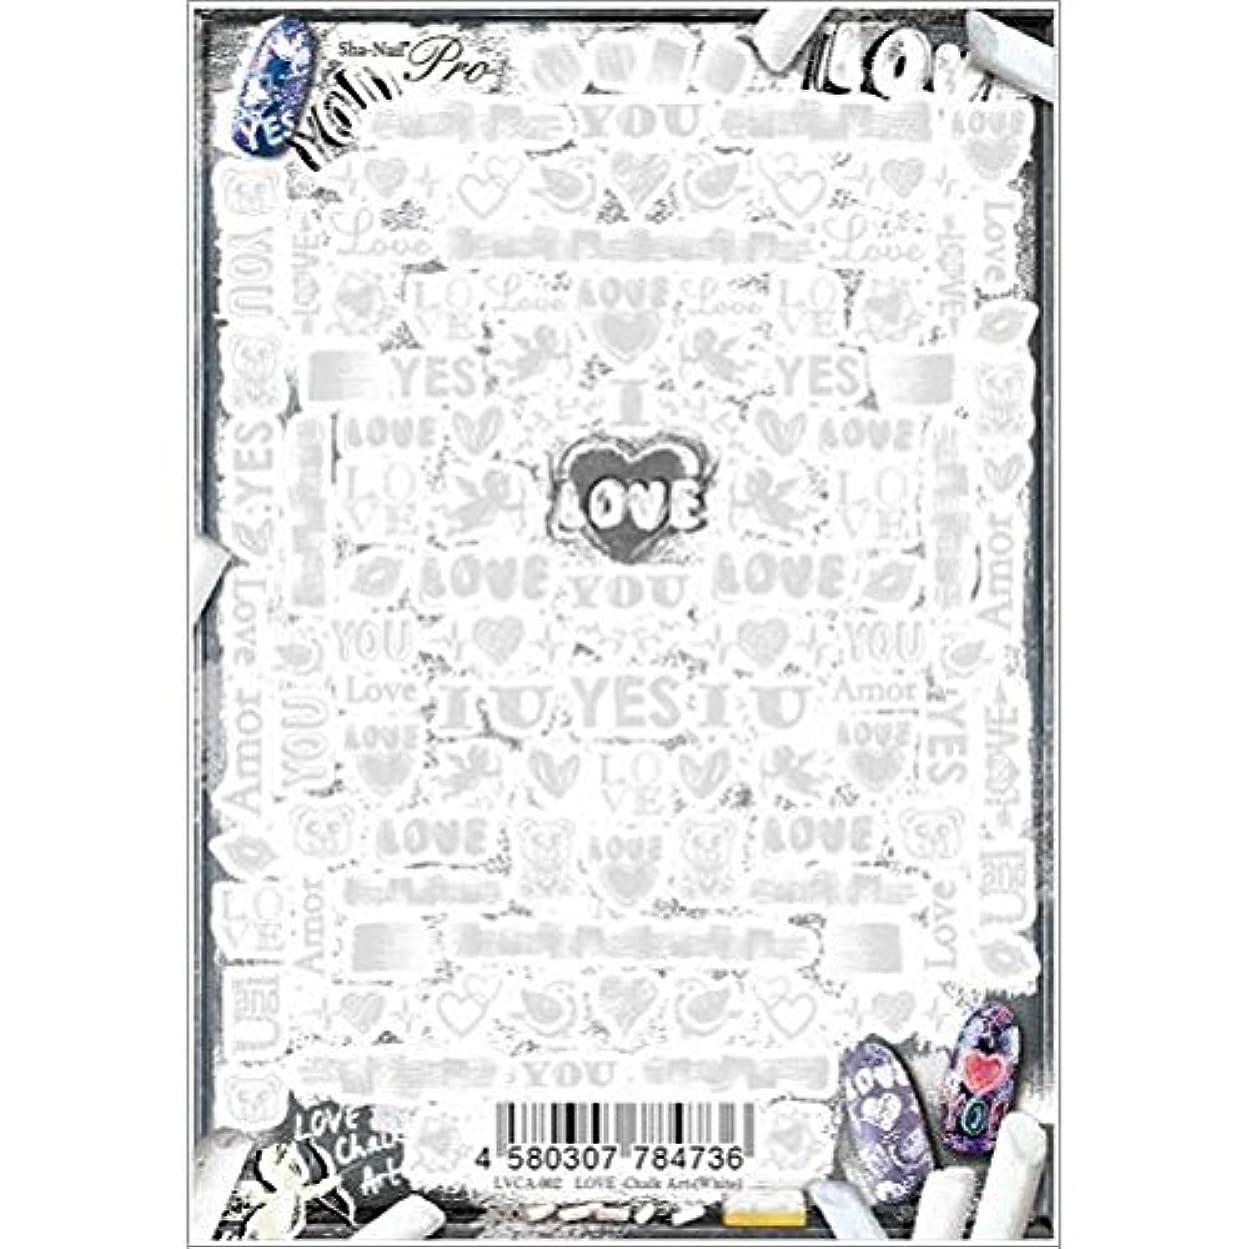 反対するニックネーム遠いSha-Nail Pro ネイルシール ラブ-チョークアート-(ホワイト) LVCA-002